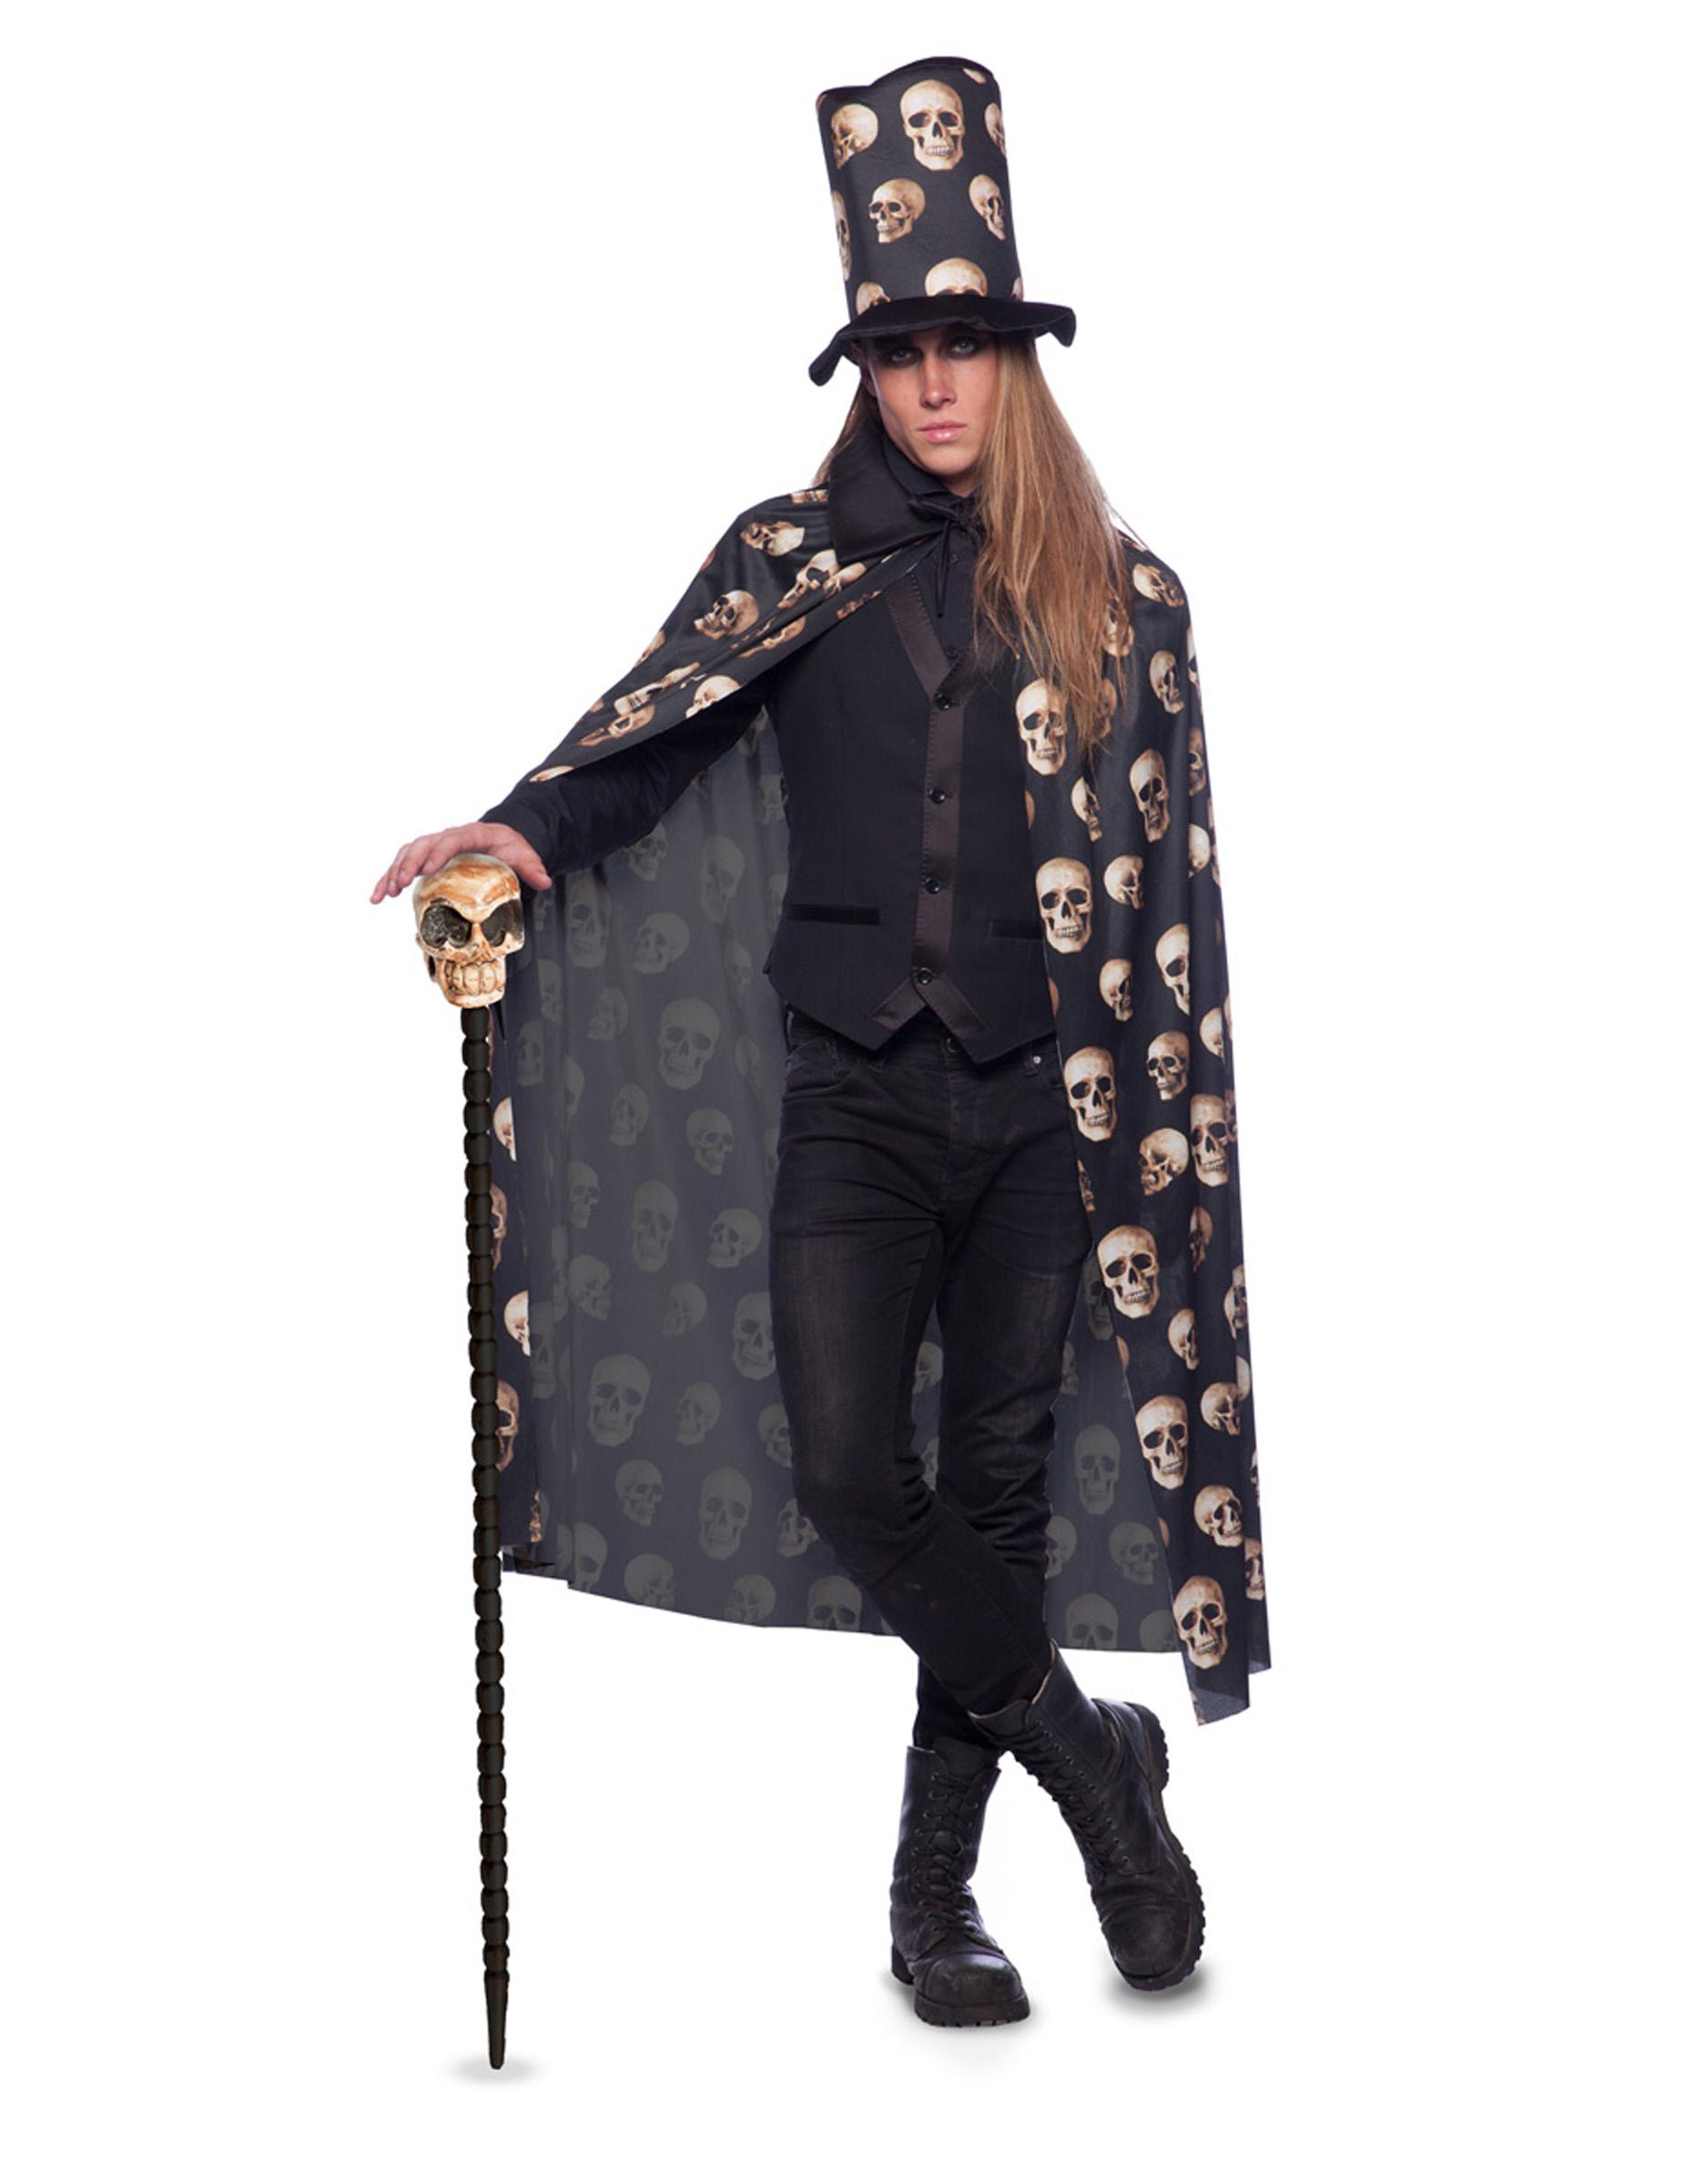 Mantel   cylinderhatt med dödskallar för vuxna till Halloween ed02efea36466